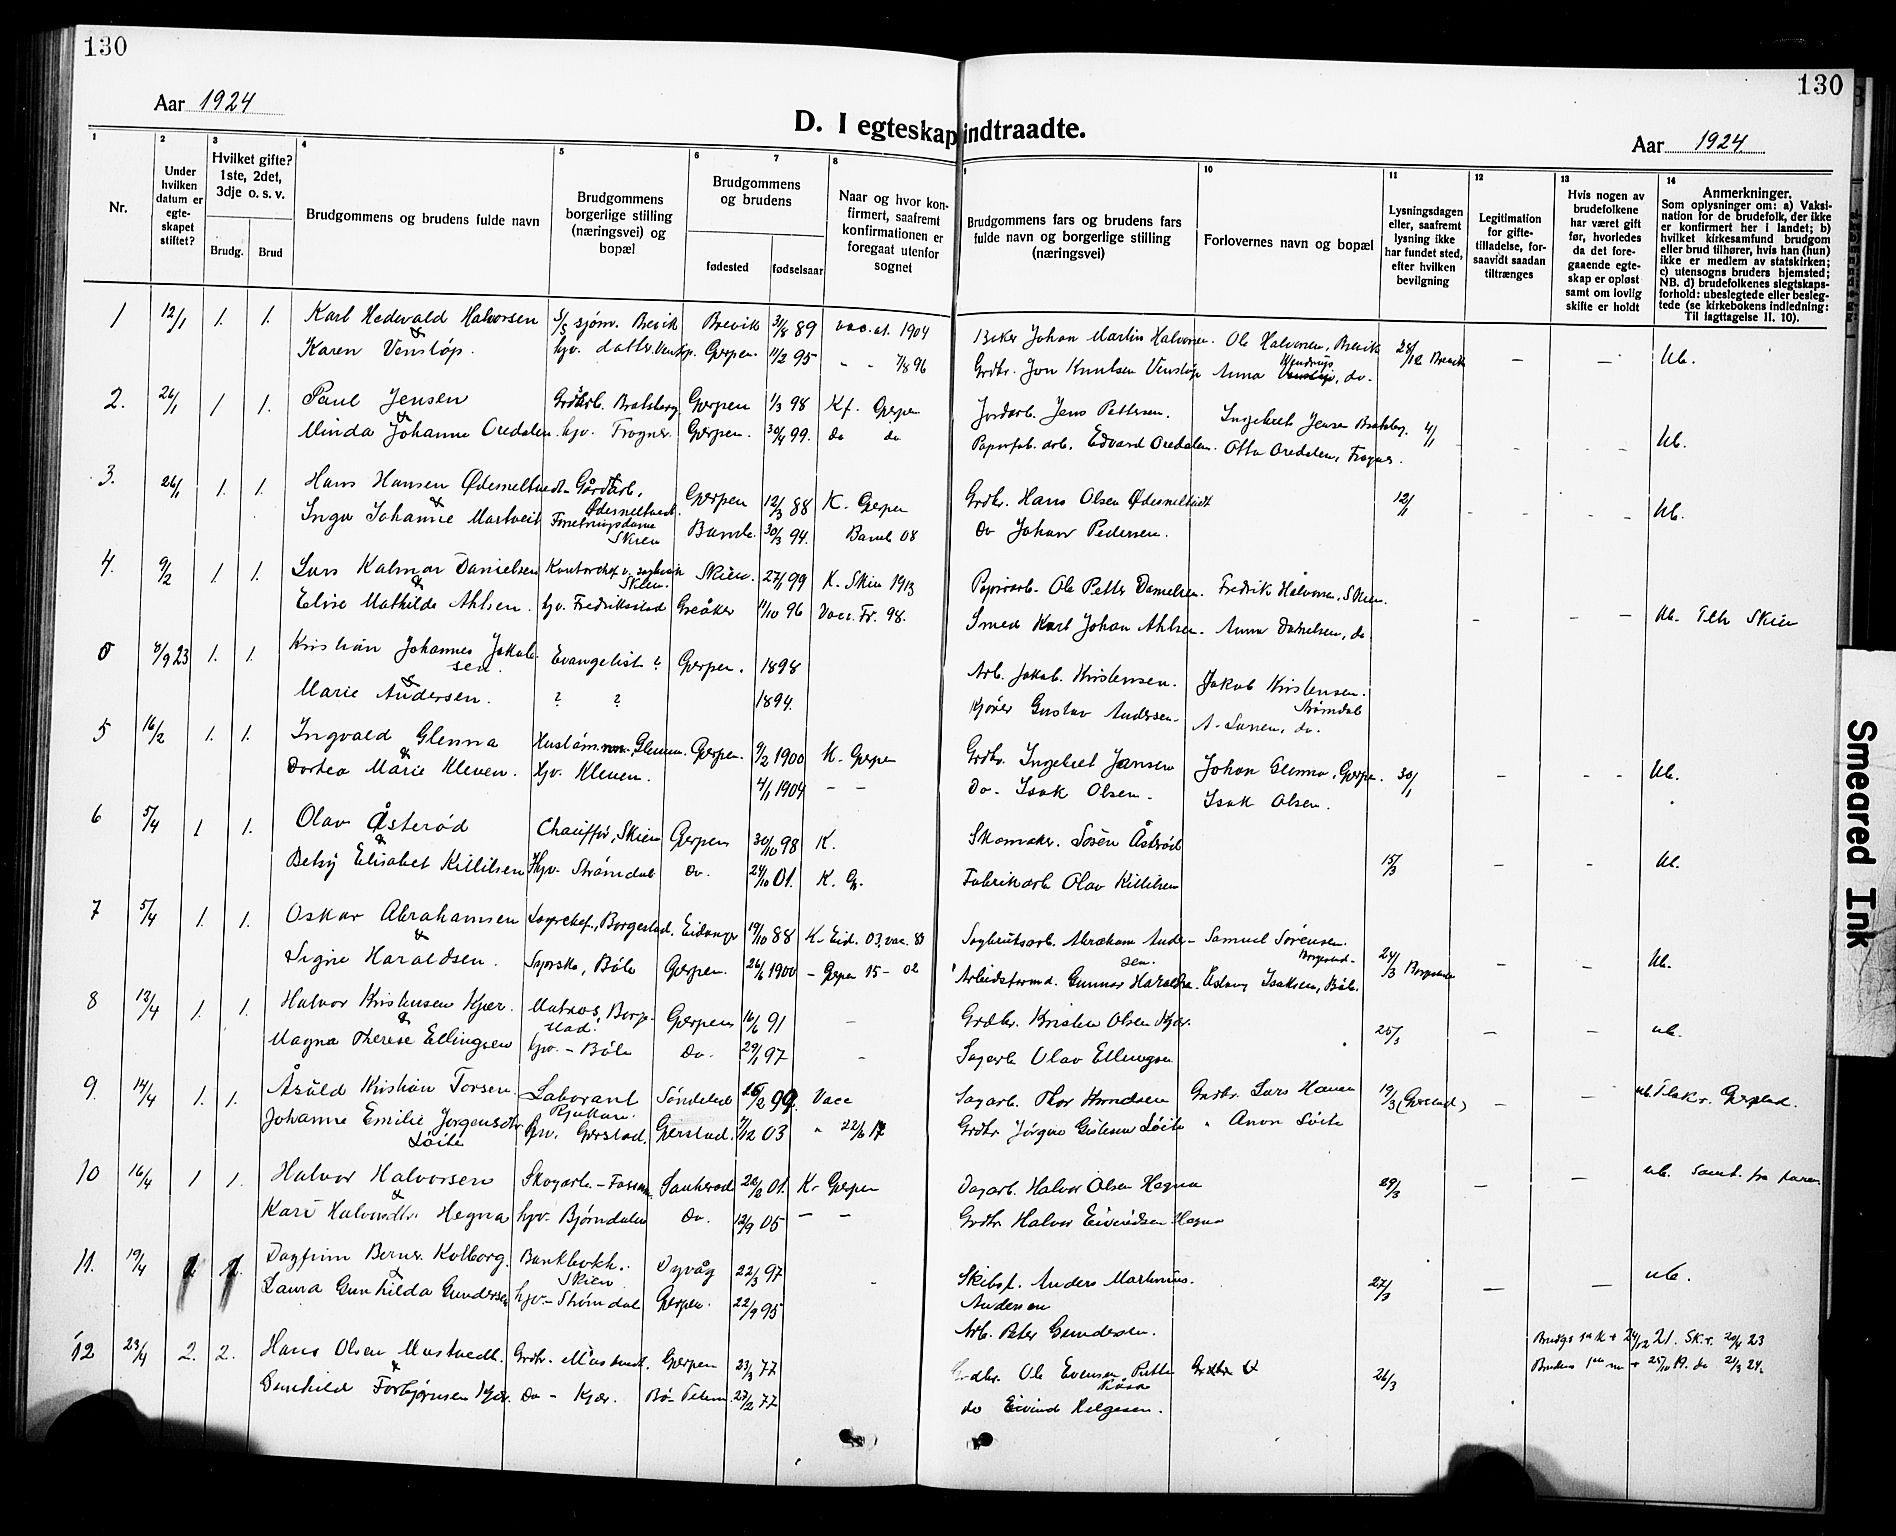 SAKO, Gjerpen kirkebøker, G/Ga/L0004: Klokkerbok nr. I 4, 1920-1931, s. 130